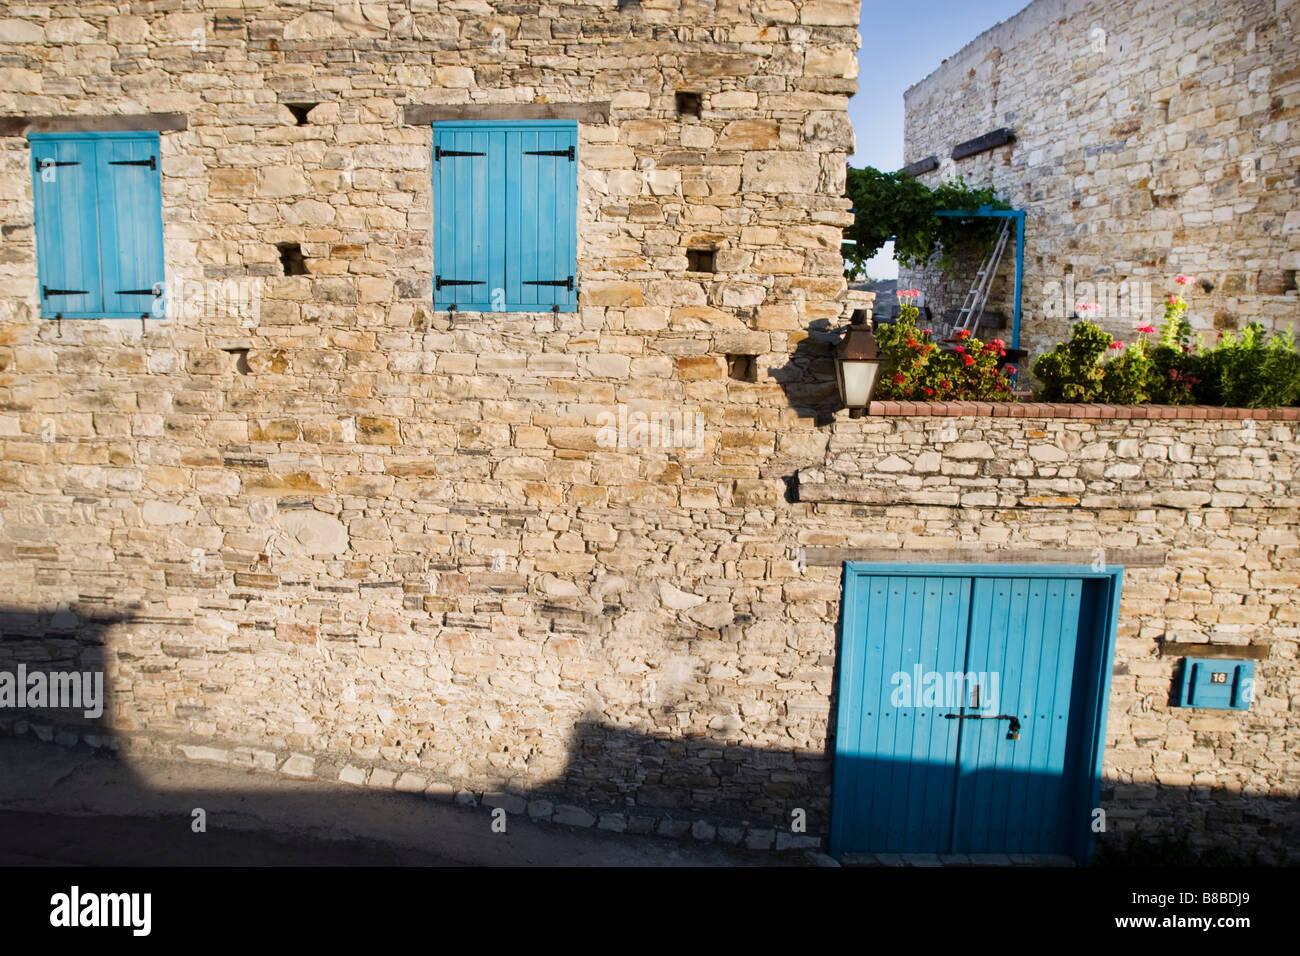 Maison aux volets bleus fermé et grande terrasse jardin à Lefkara, sud de Chypre Banque D'Images